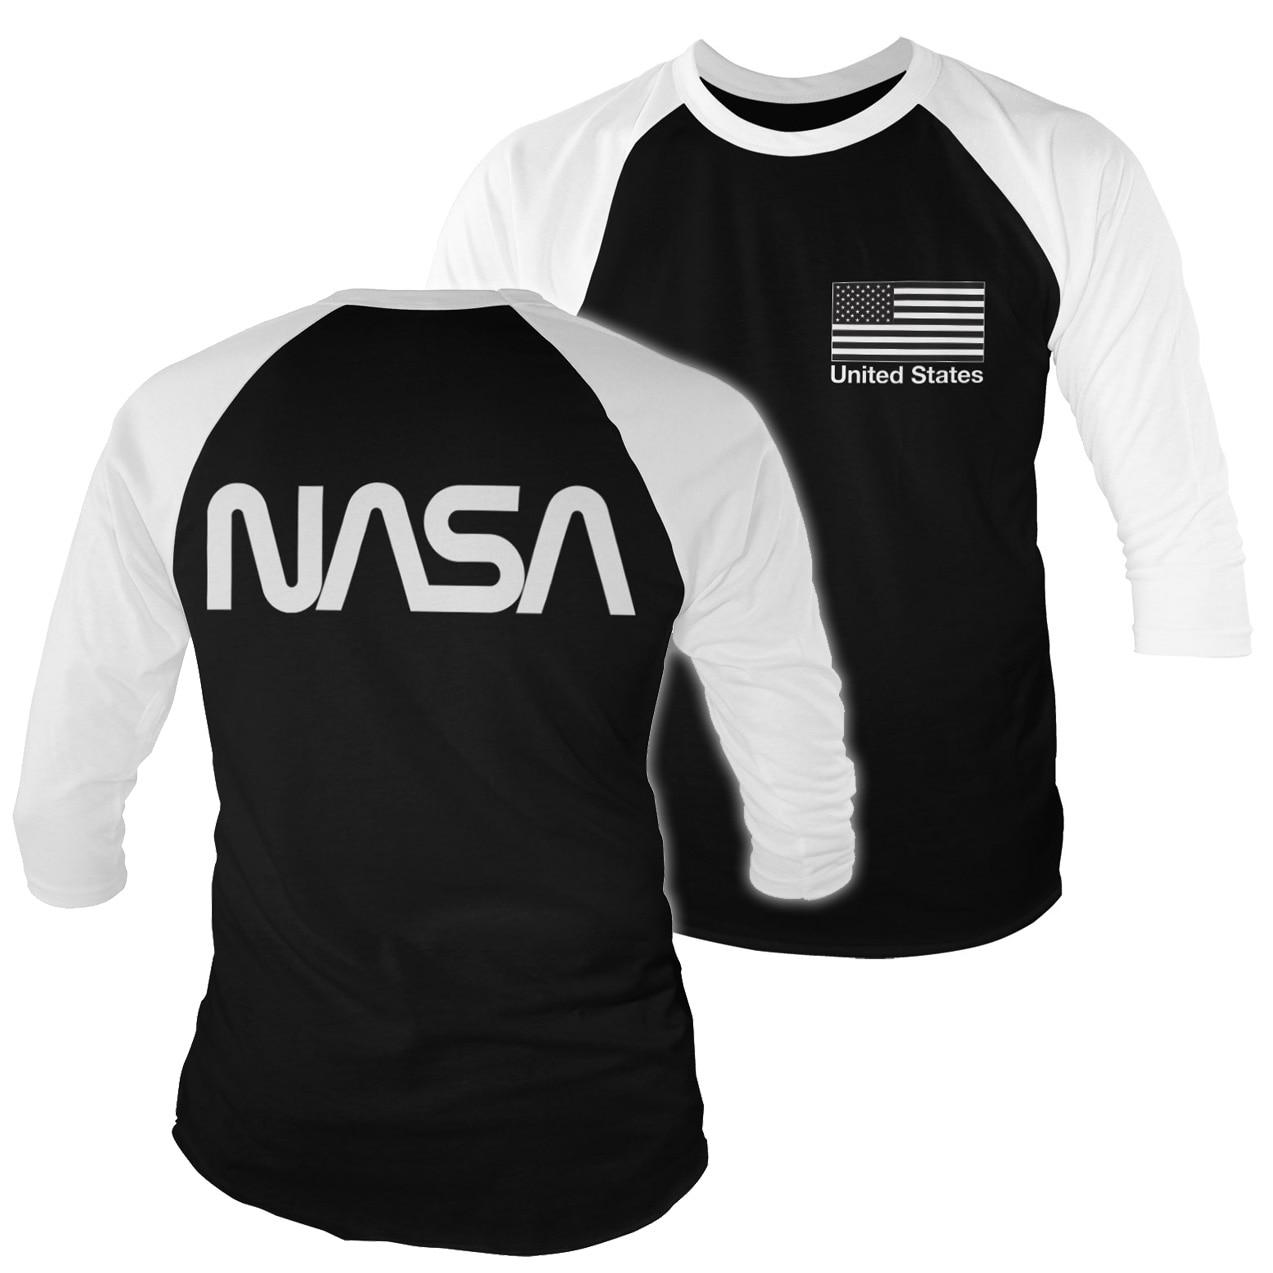 USG-19-NAS005-WB